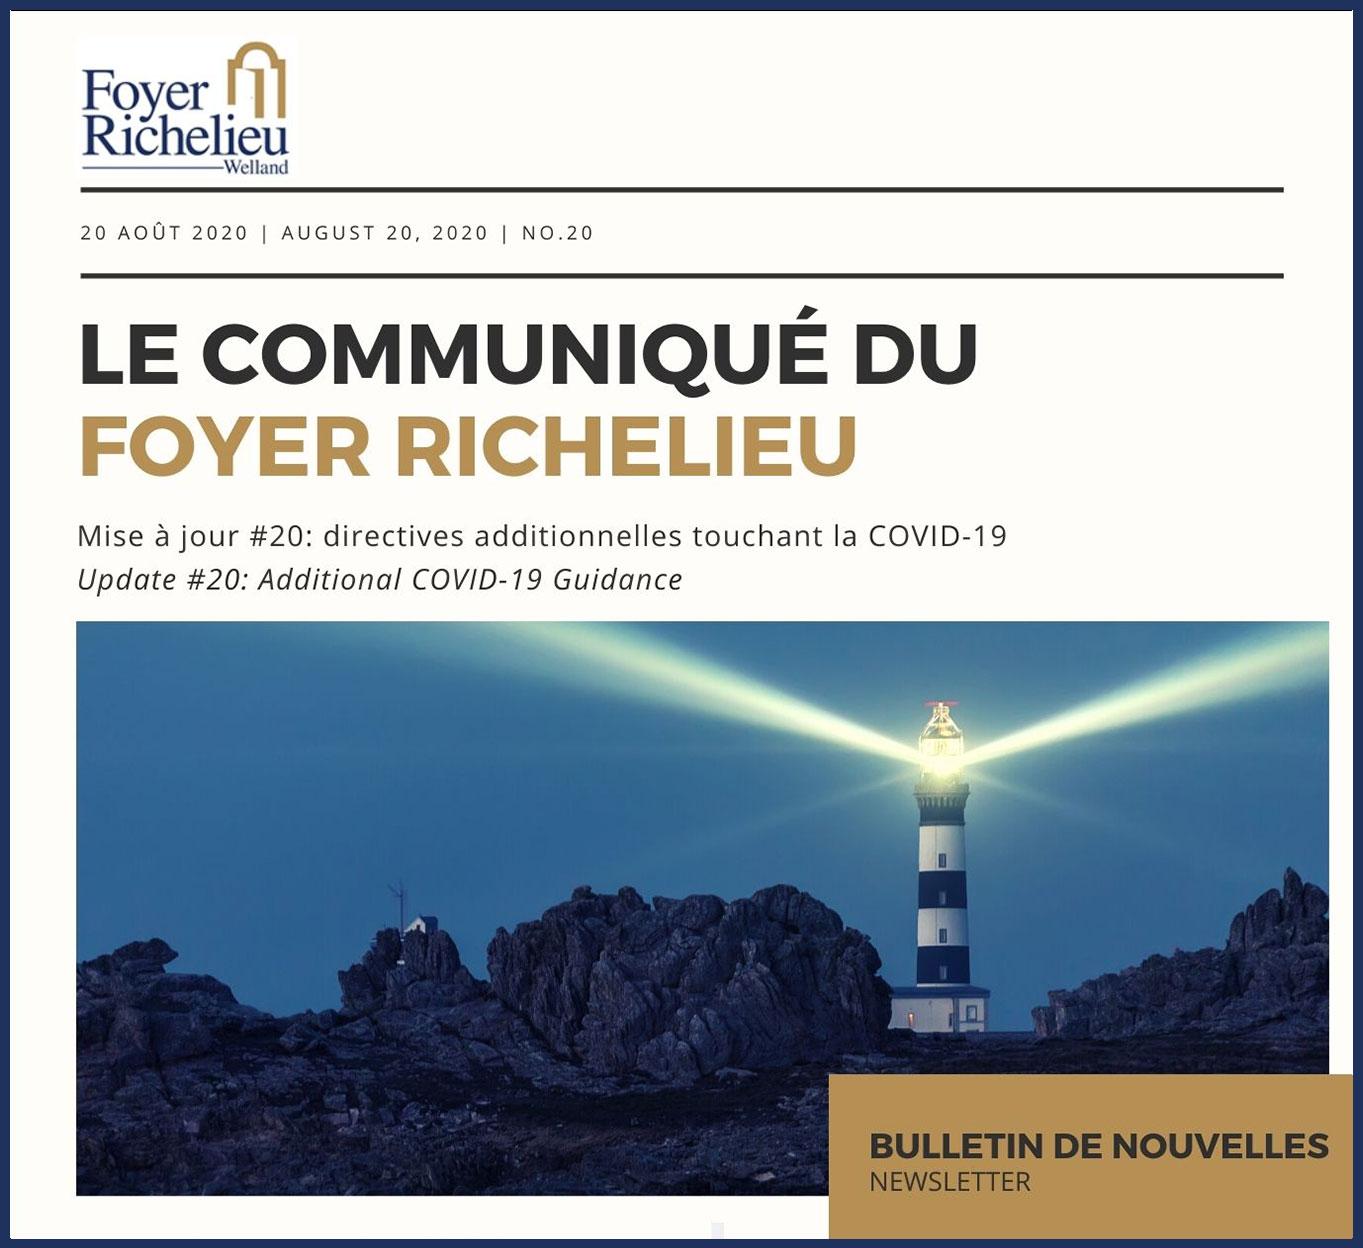 2020/08/20 – Le Communiqué du Foyer Richelieu